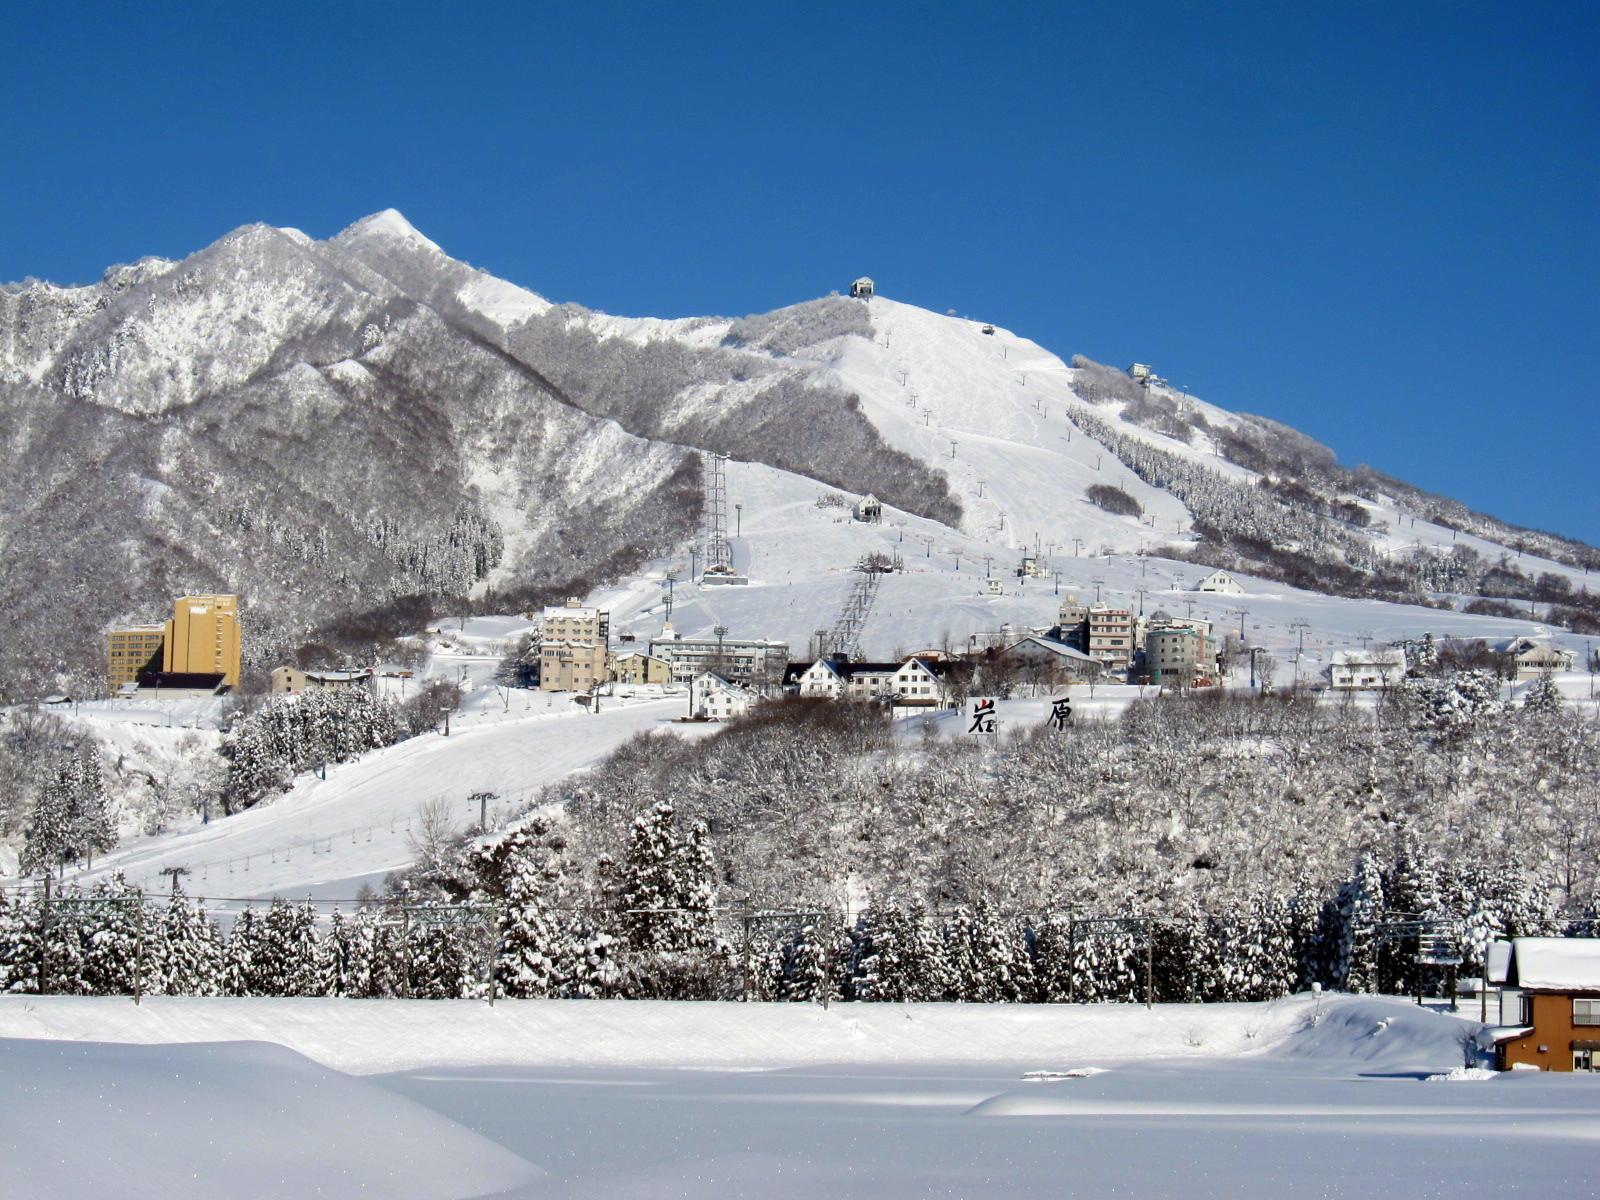 新潟 岩原 スキー 場